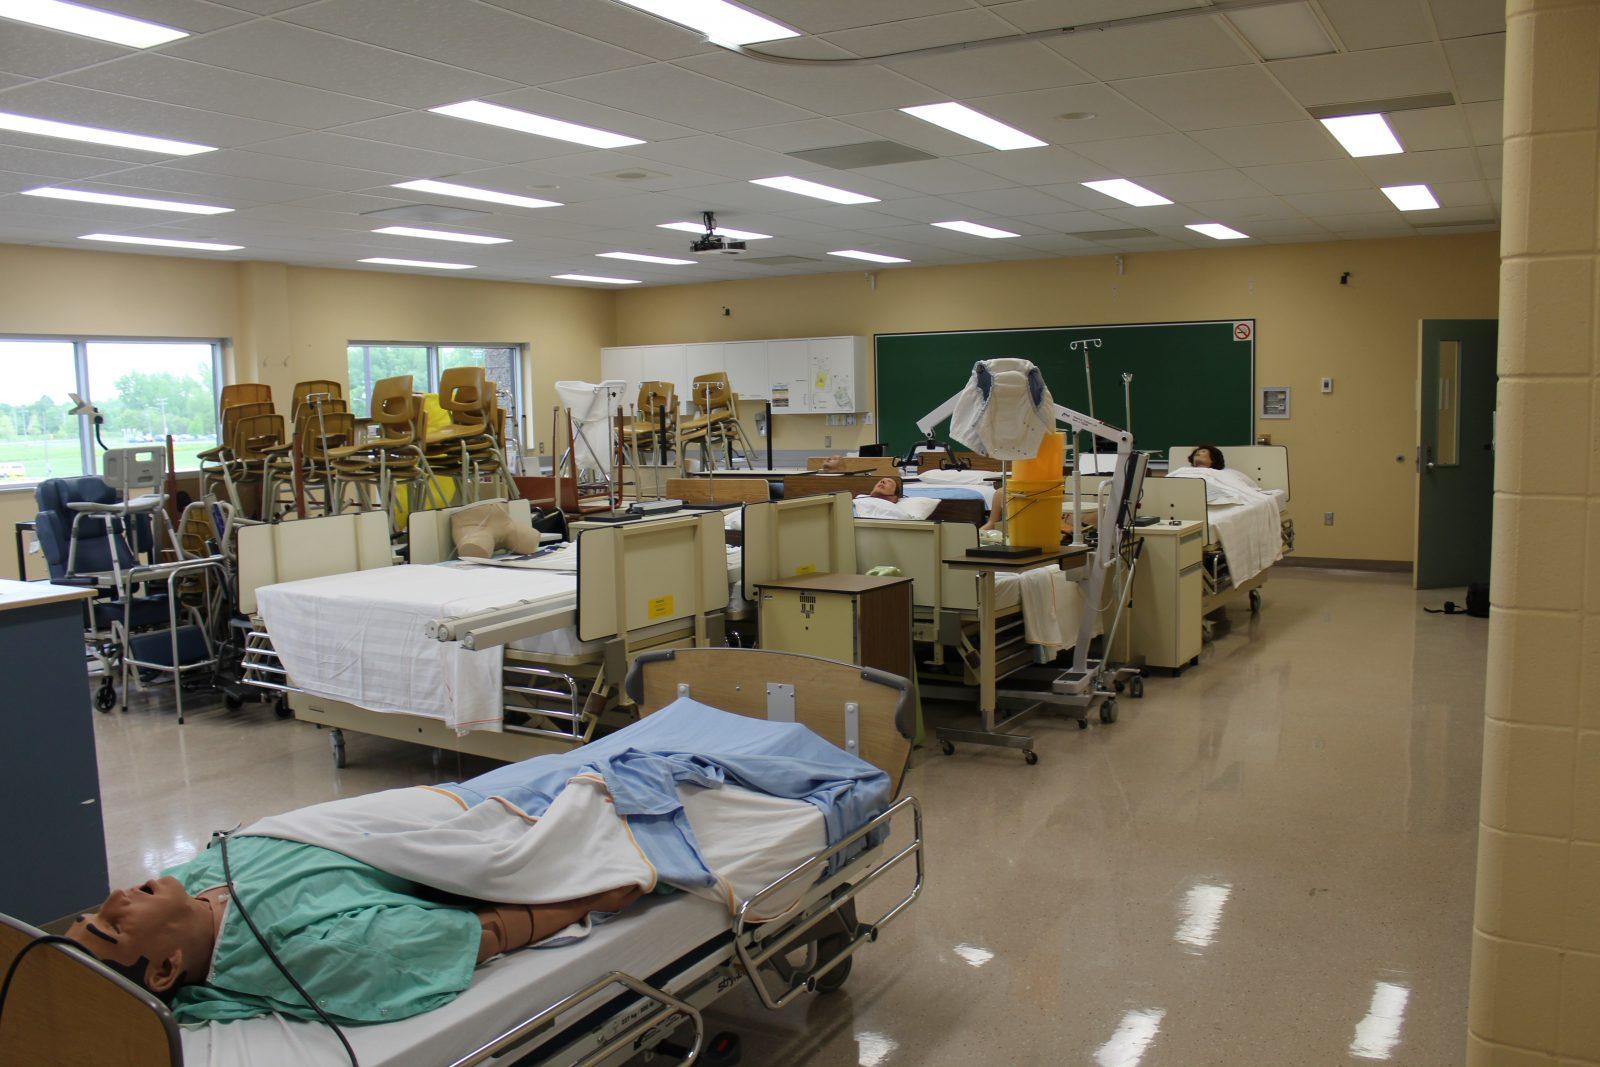 Investissement dans les soins infirmiers au Cégep